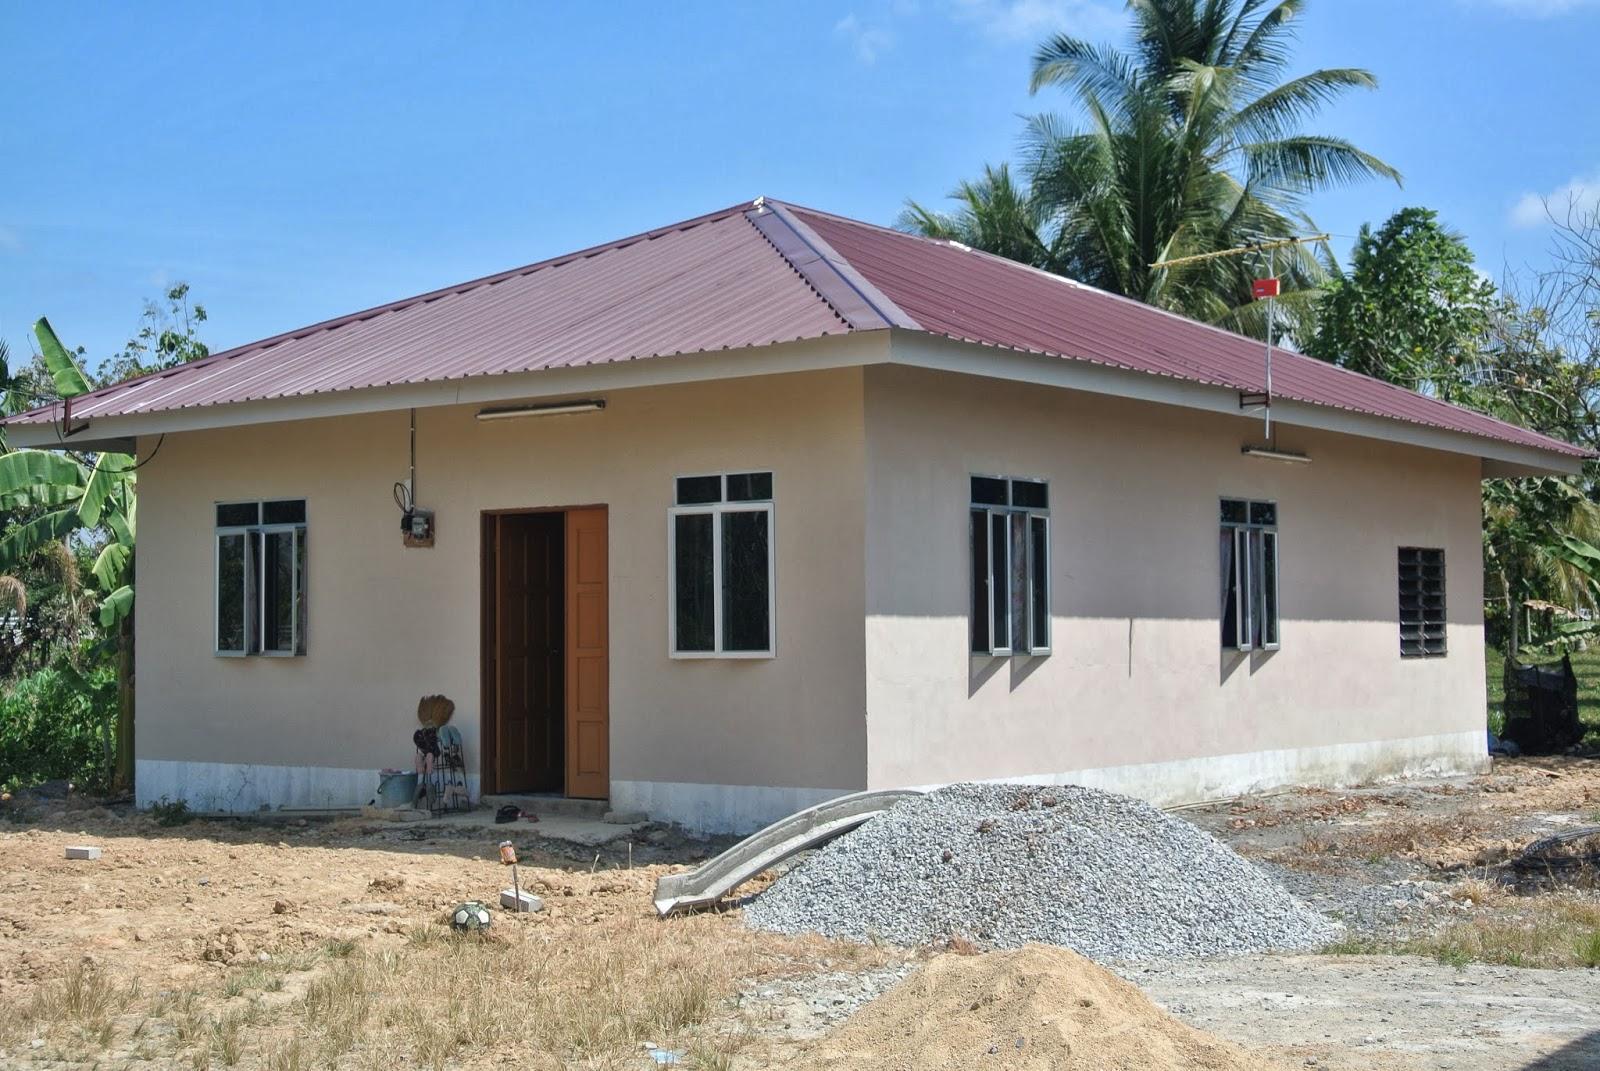 Rm30 000 Kepada N Pendapatan Isi Rumah Kurang Rm3 Untuk Membeli Pertama Pada Harga Kos Rendah Program Ini Bermula 1 April Depan